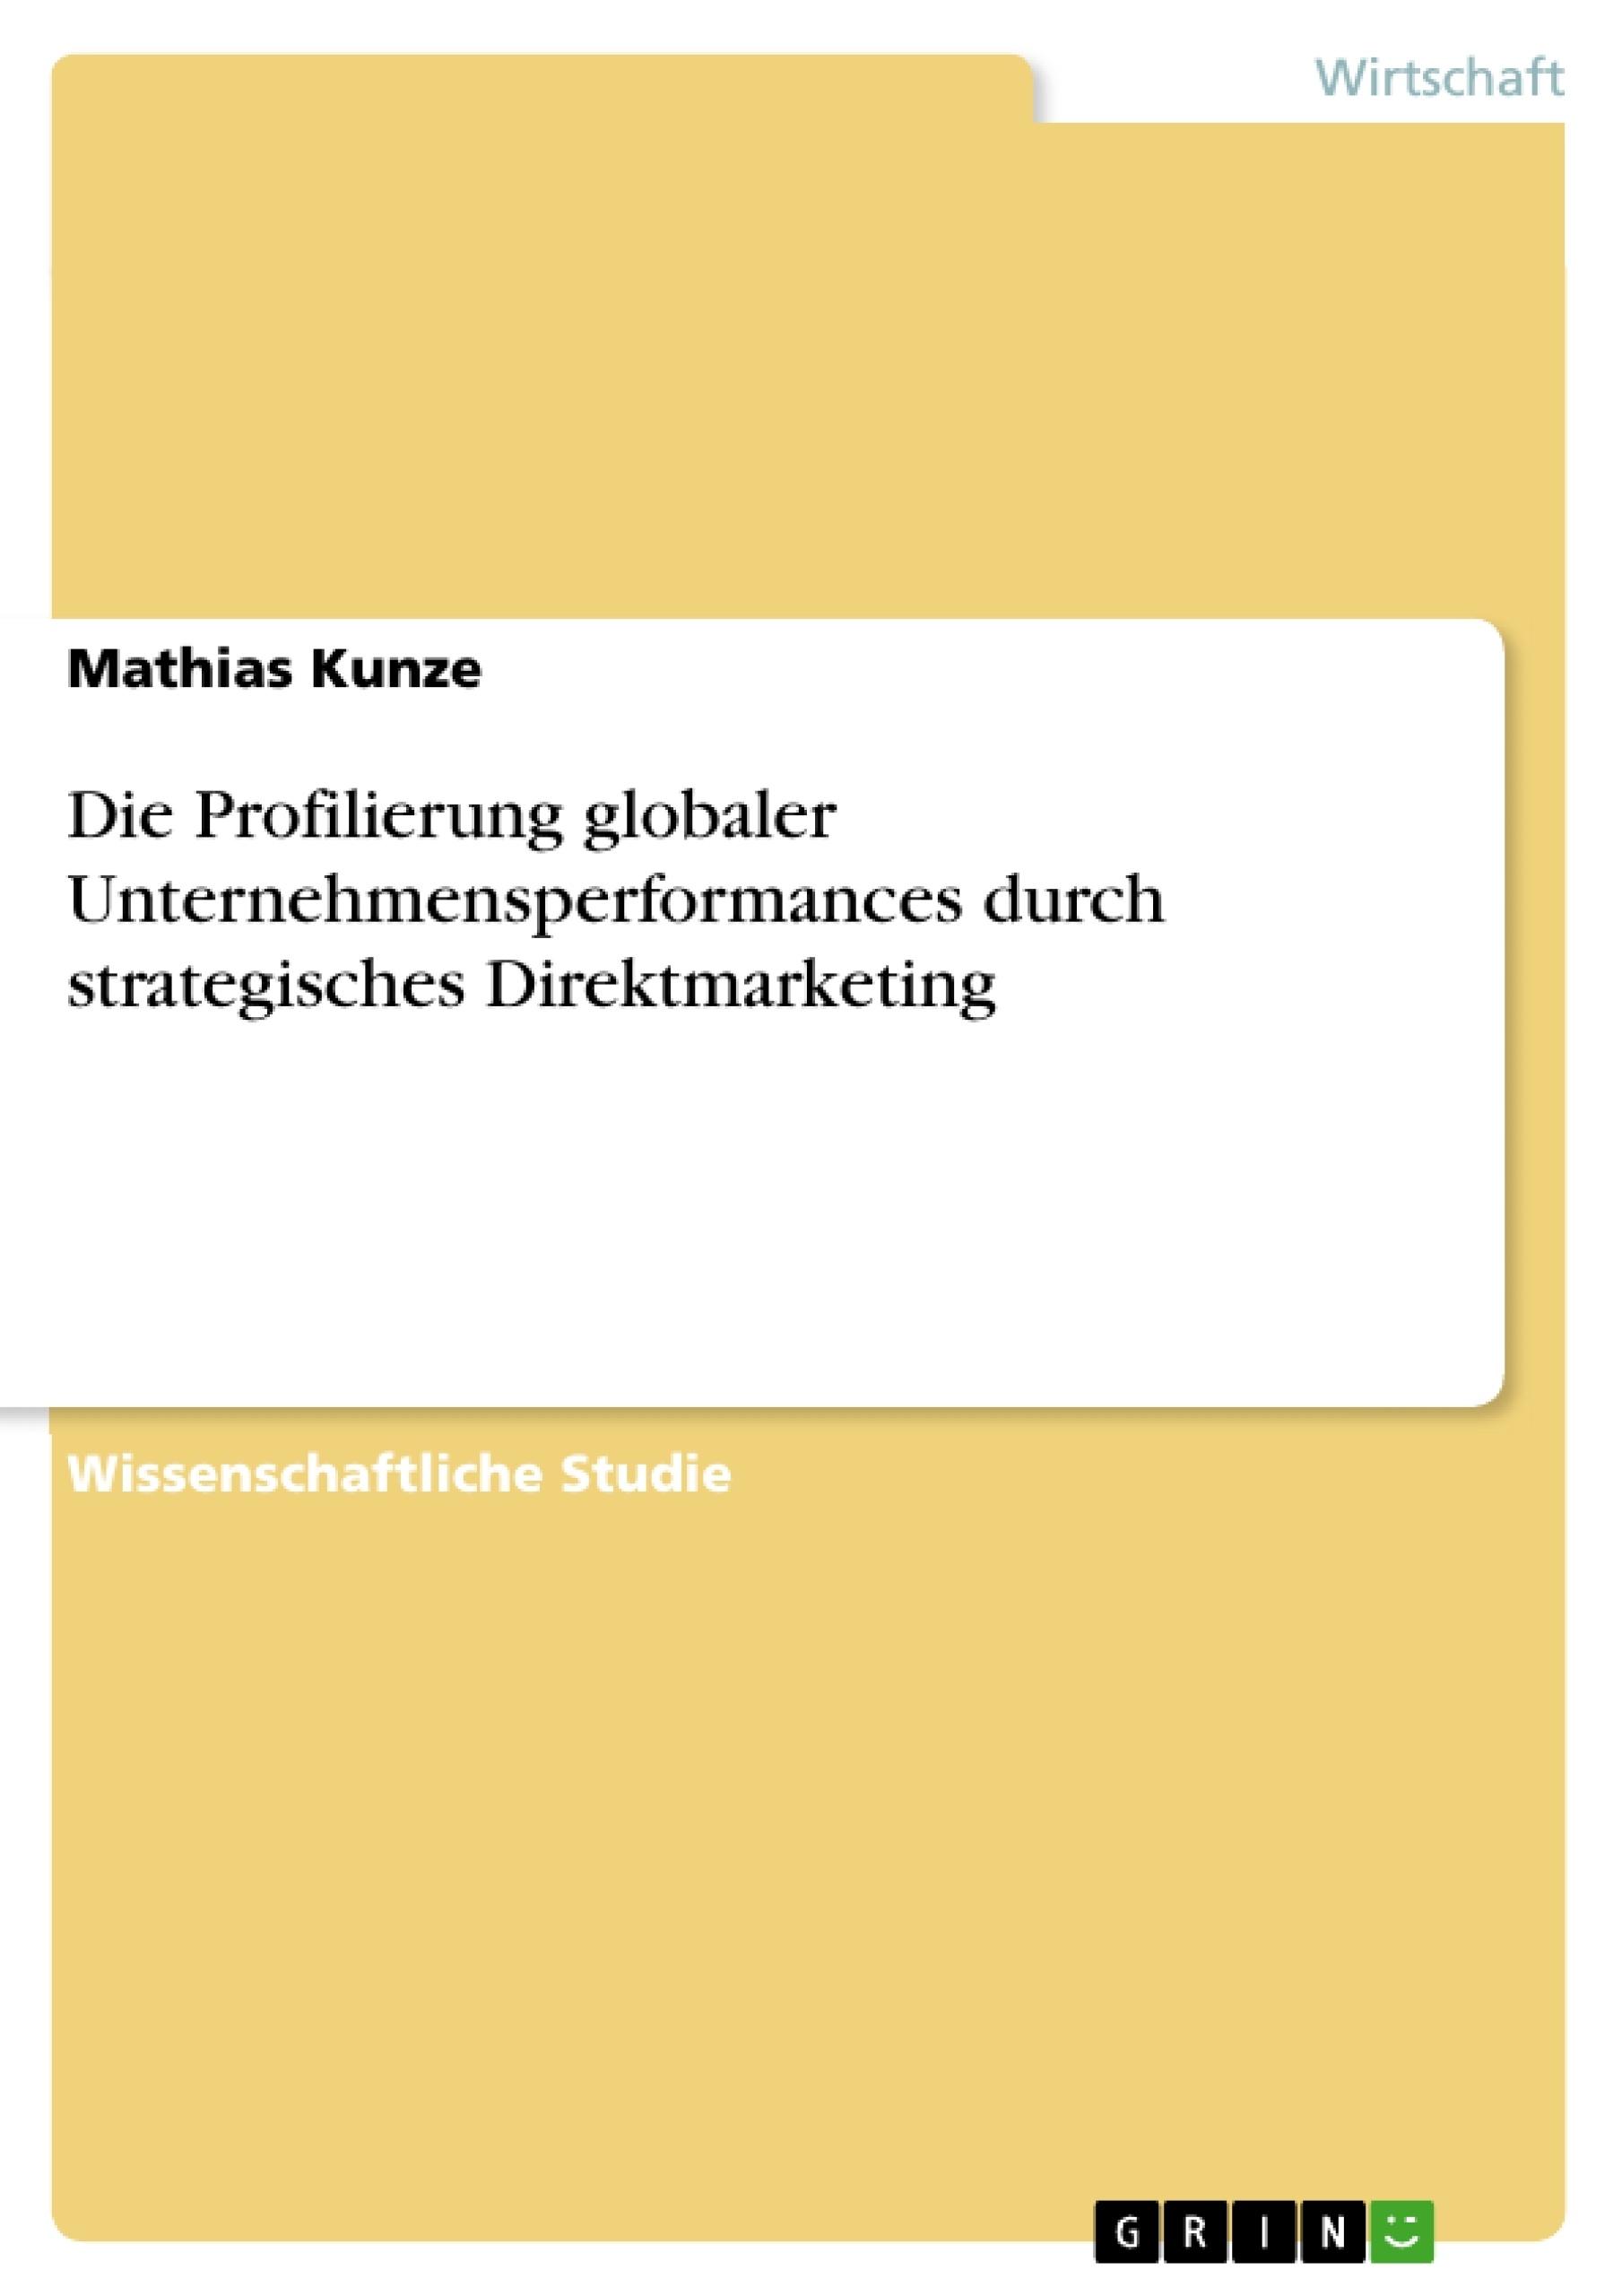 Titel: Die Profilierung globaler Unternehmensperformances durch strategisches Direktmarketing